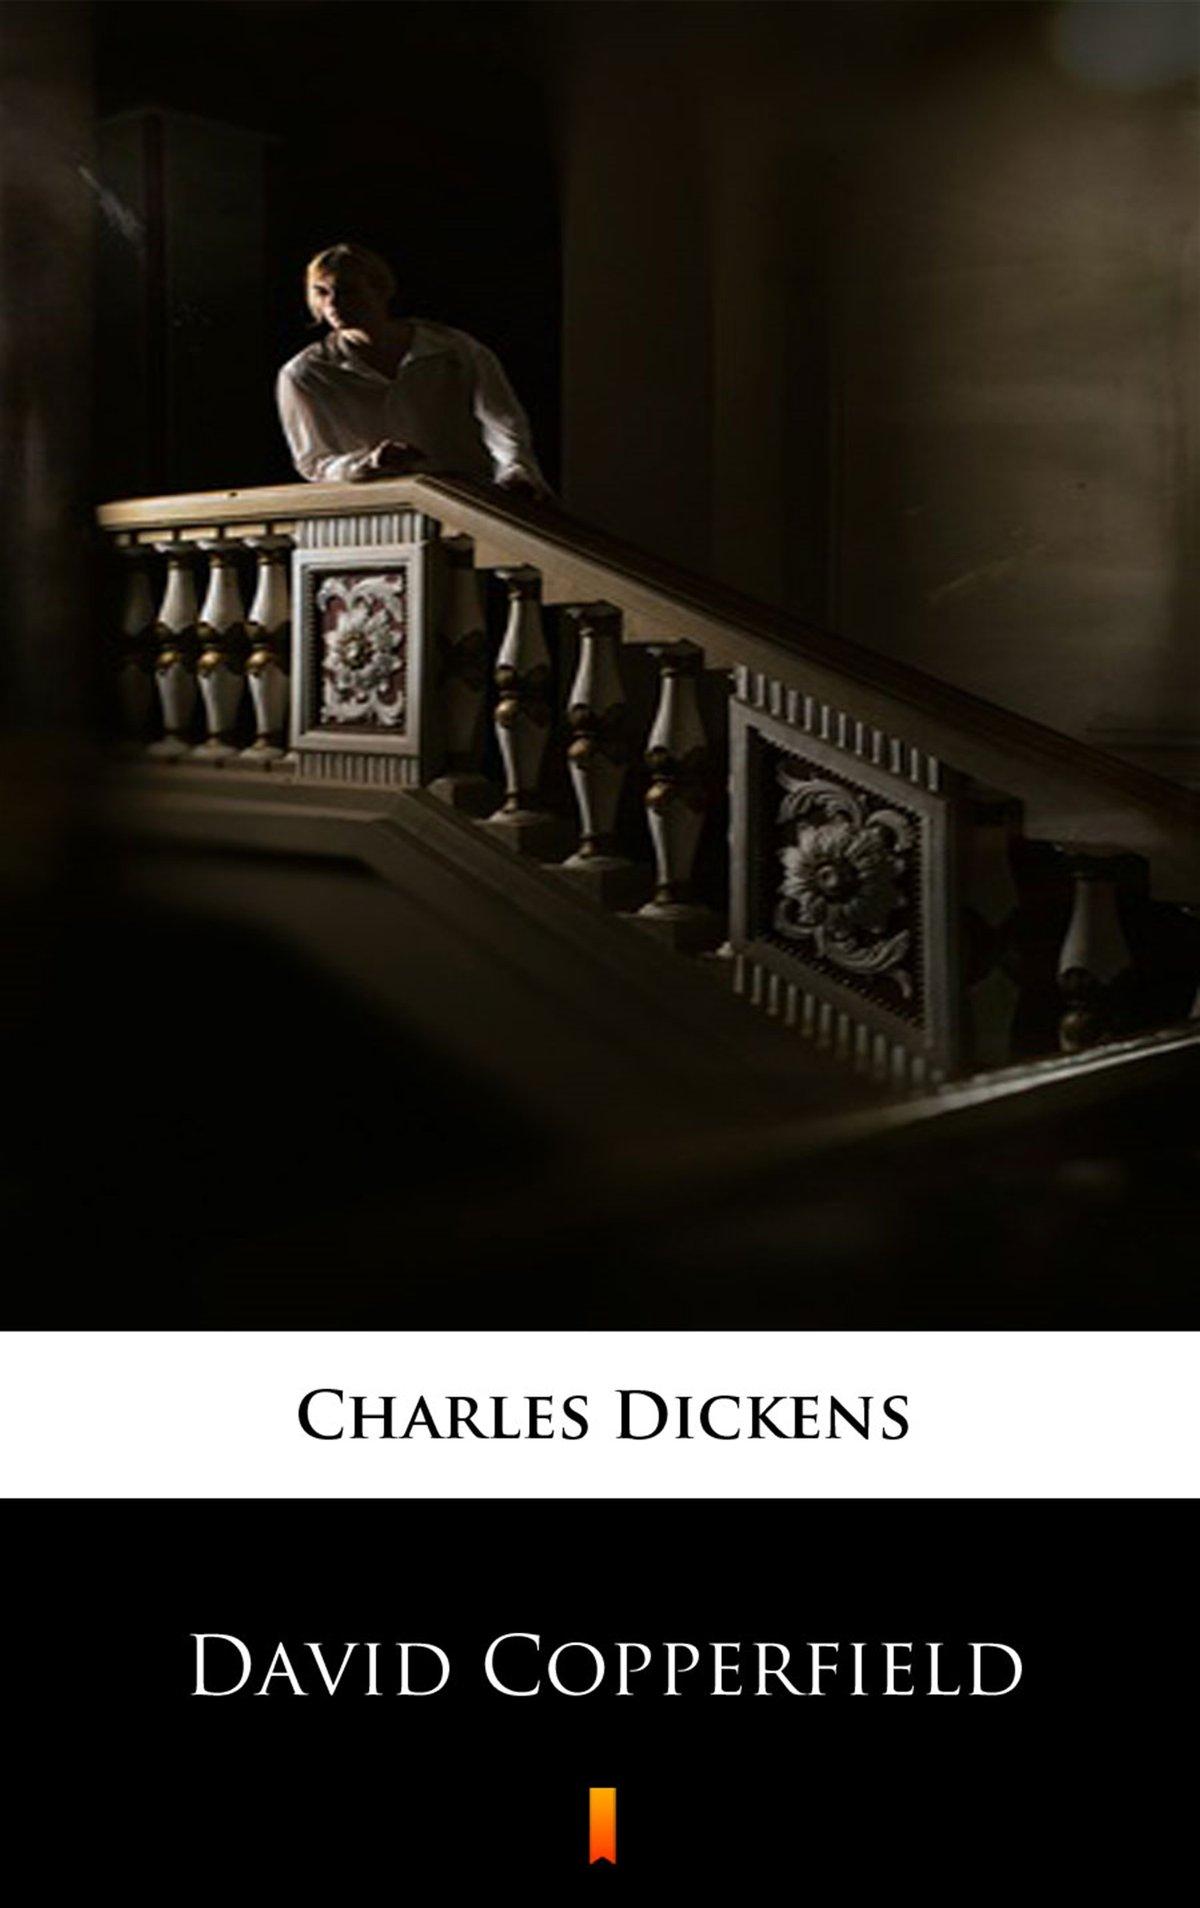 David Copperfield - Ebook (Książka EPUB) do pobrania w formacie EPUB